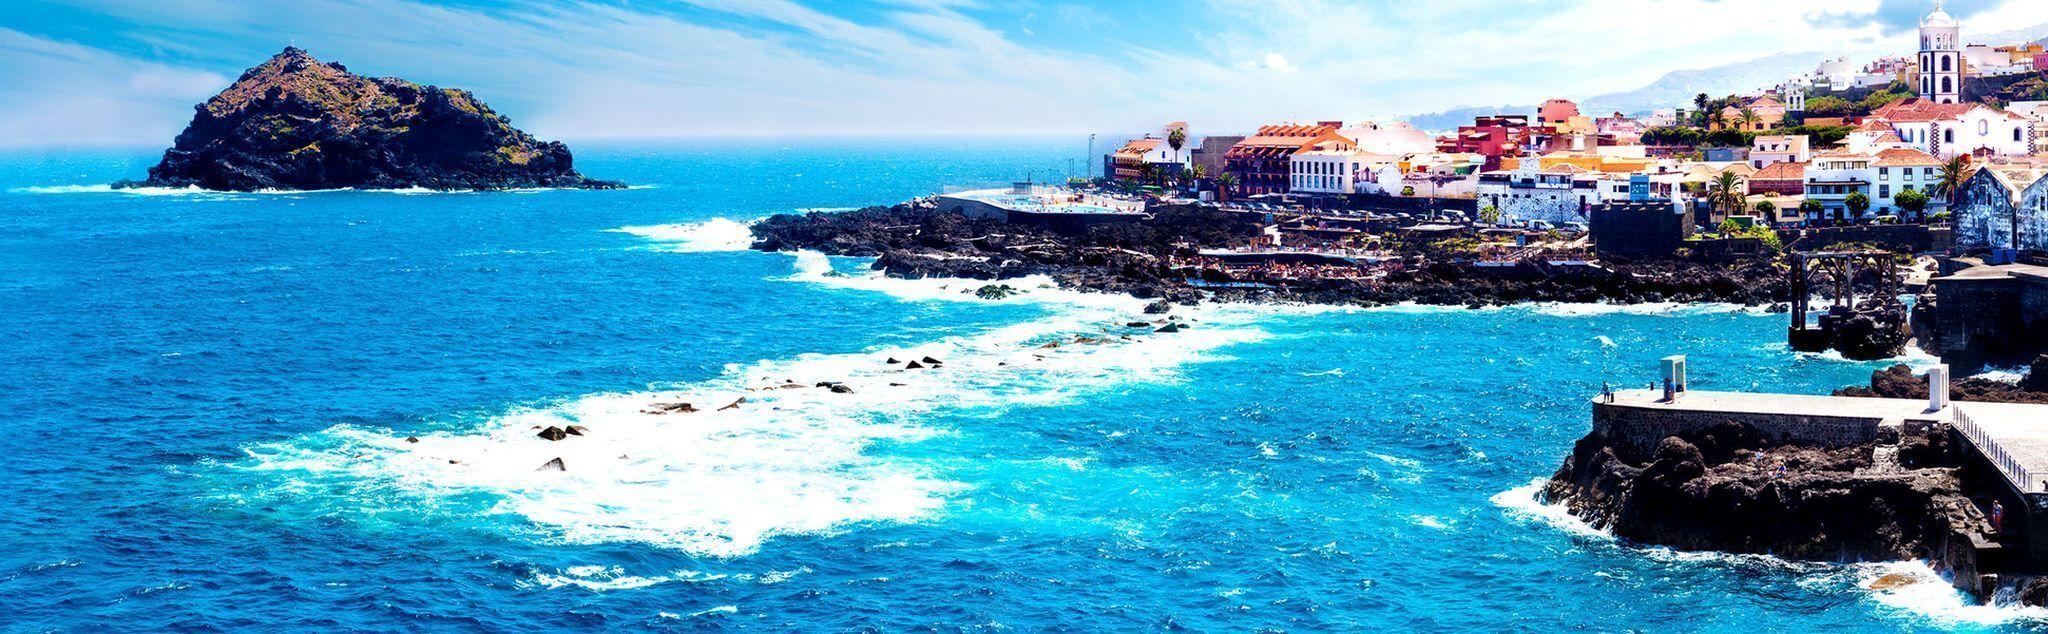 Attività a Canarias